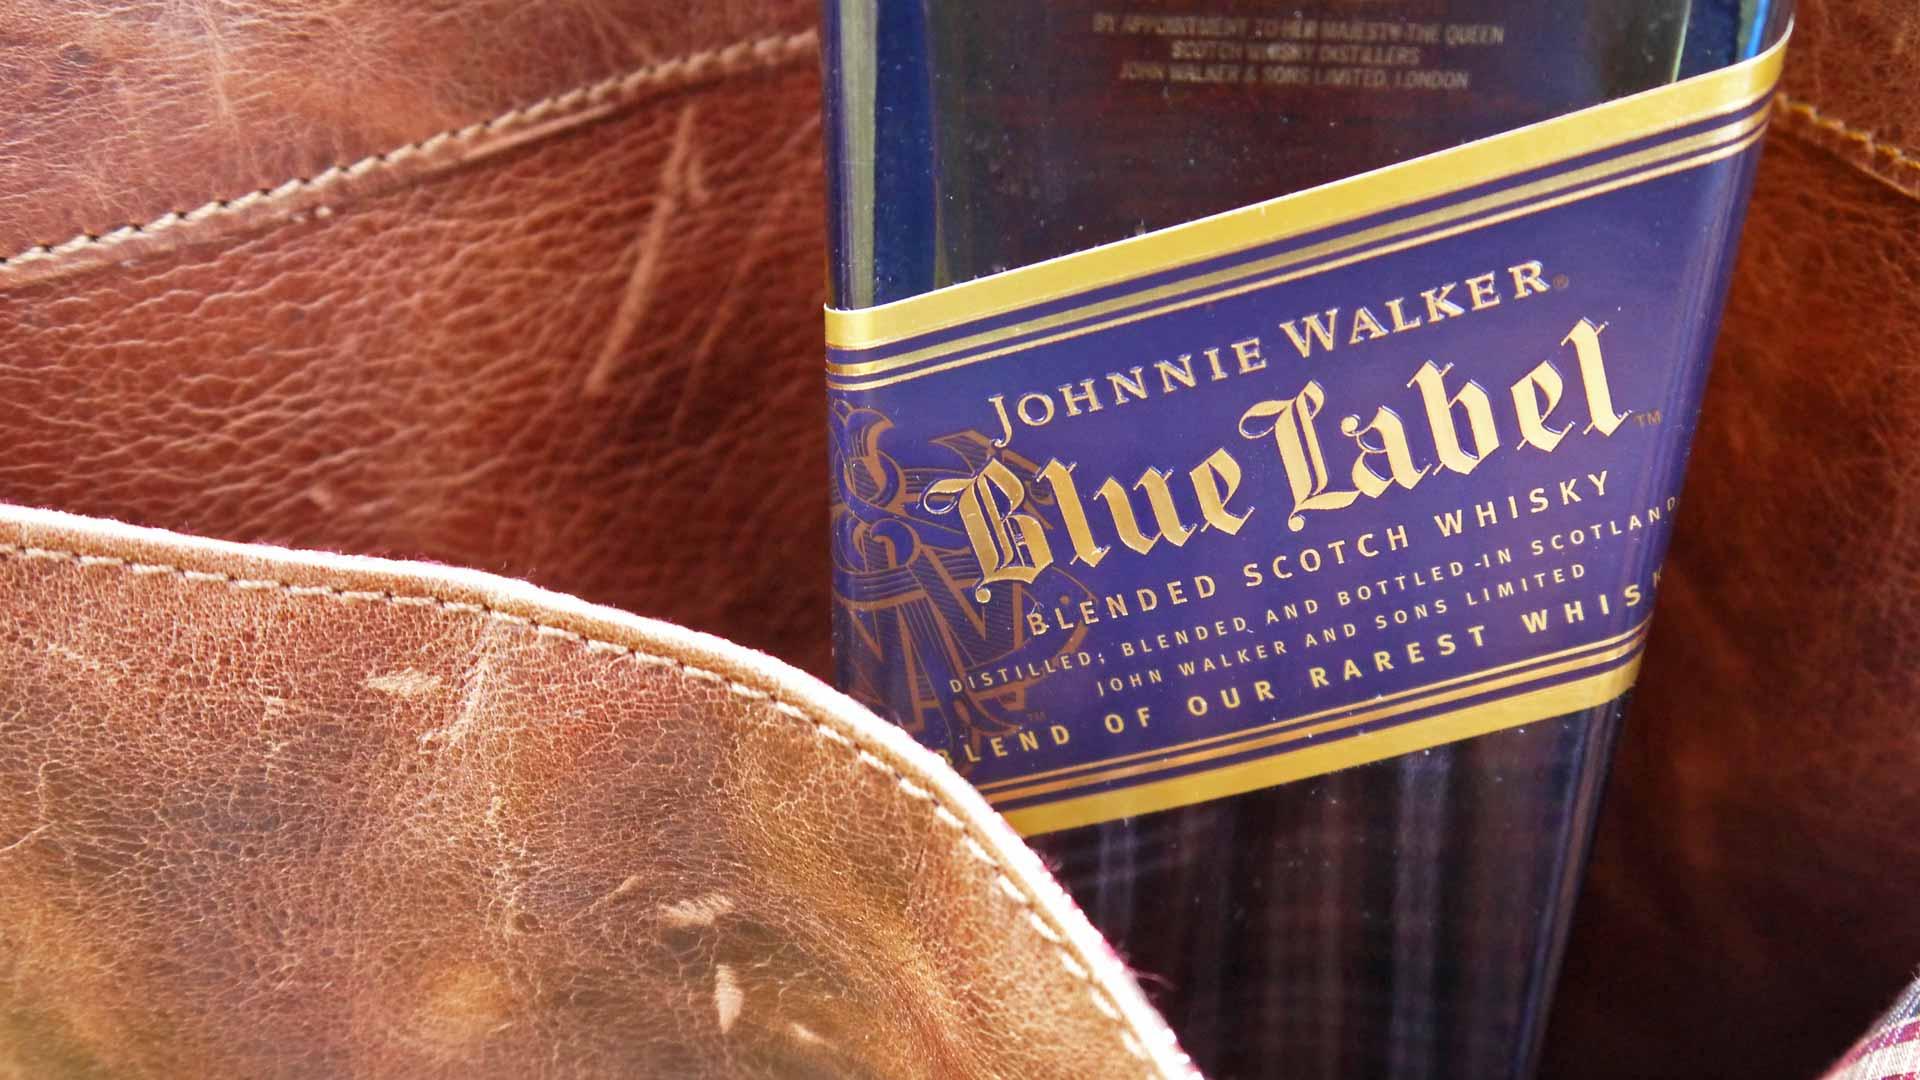 Auch auf Reisen eine stilsichere Begleitung: Johnnie Walker Blue Label (Foto: Alkoblog)